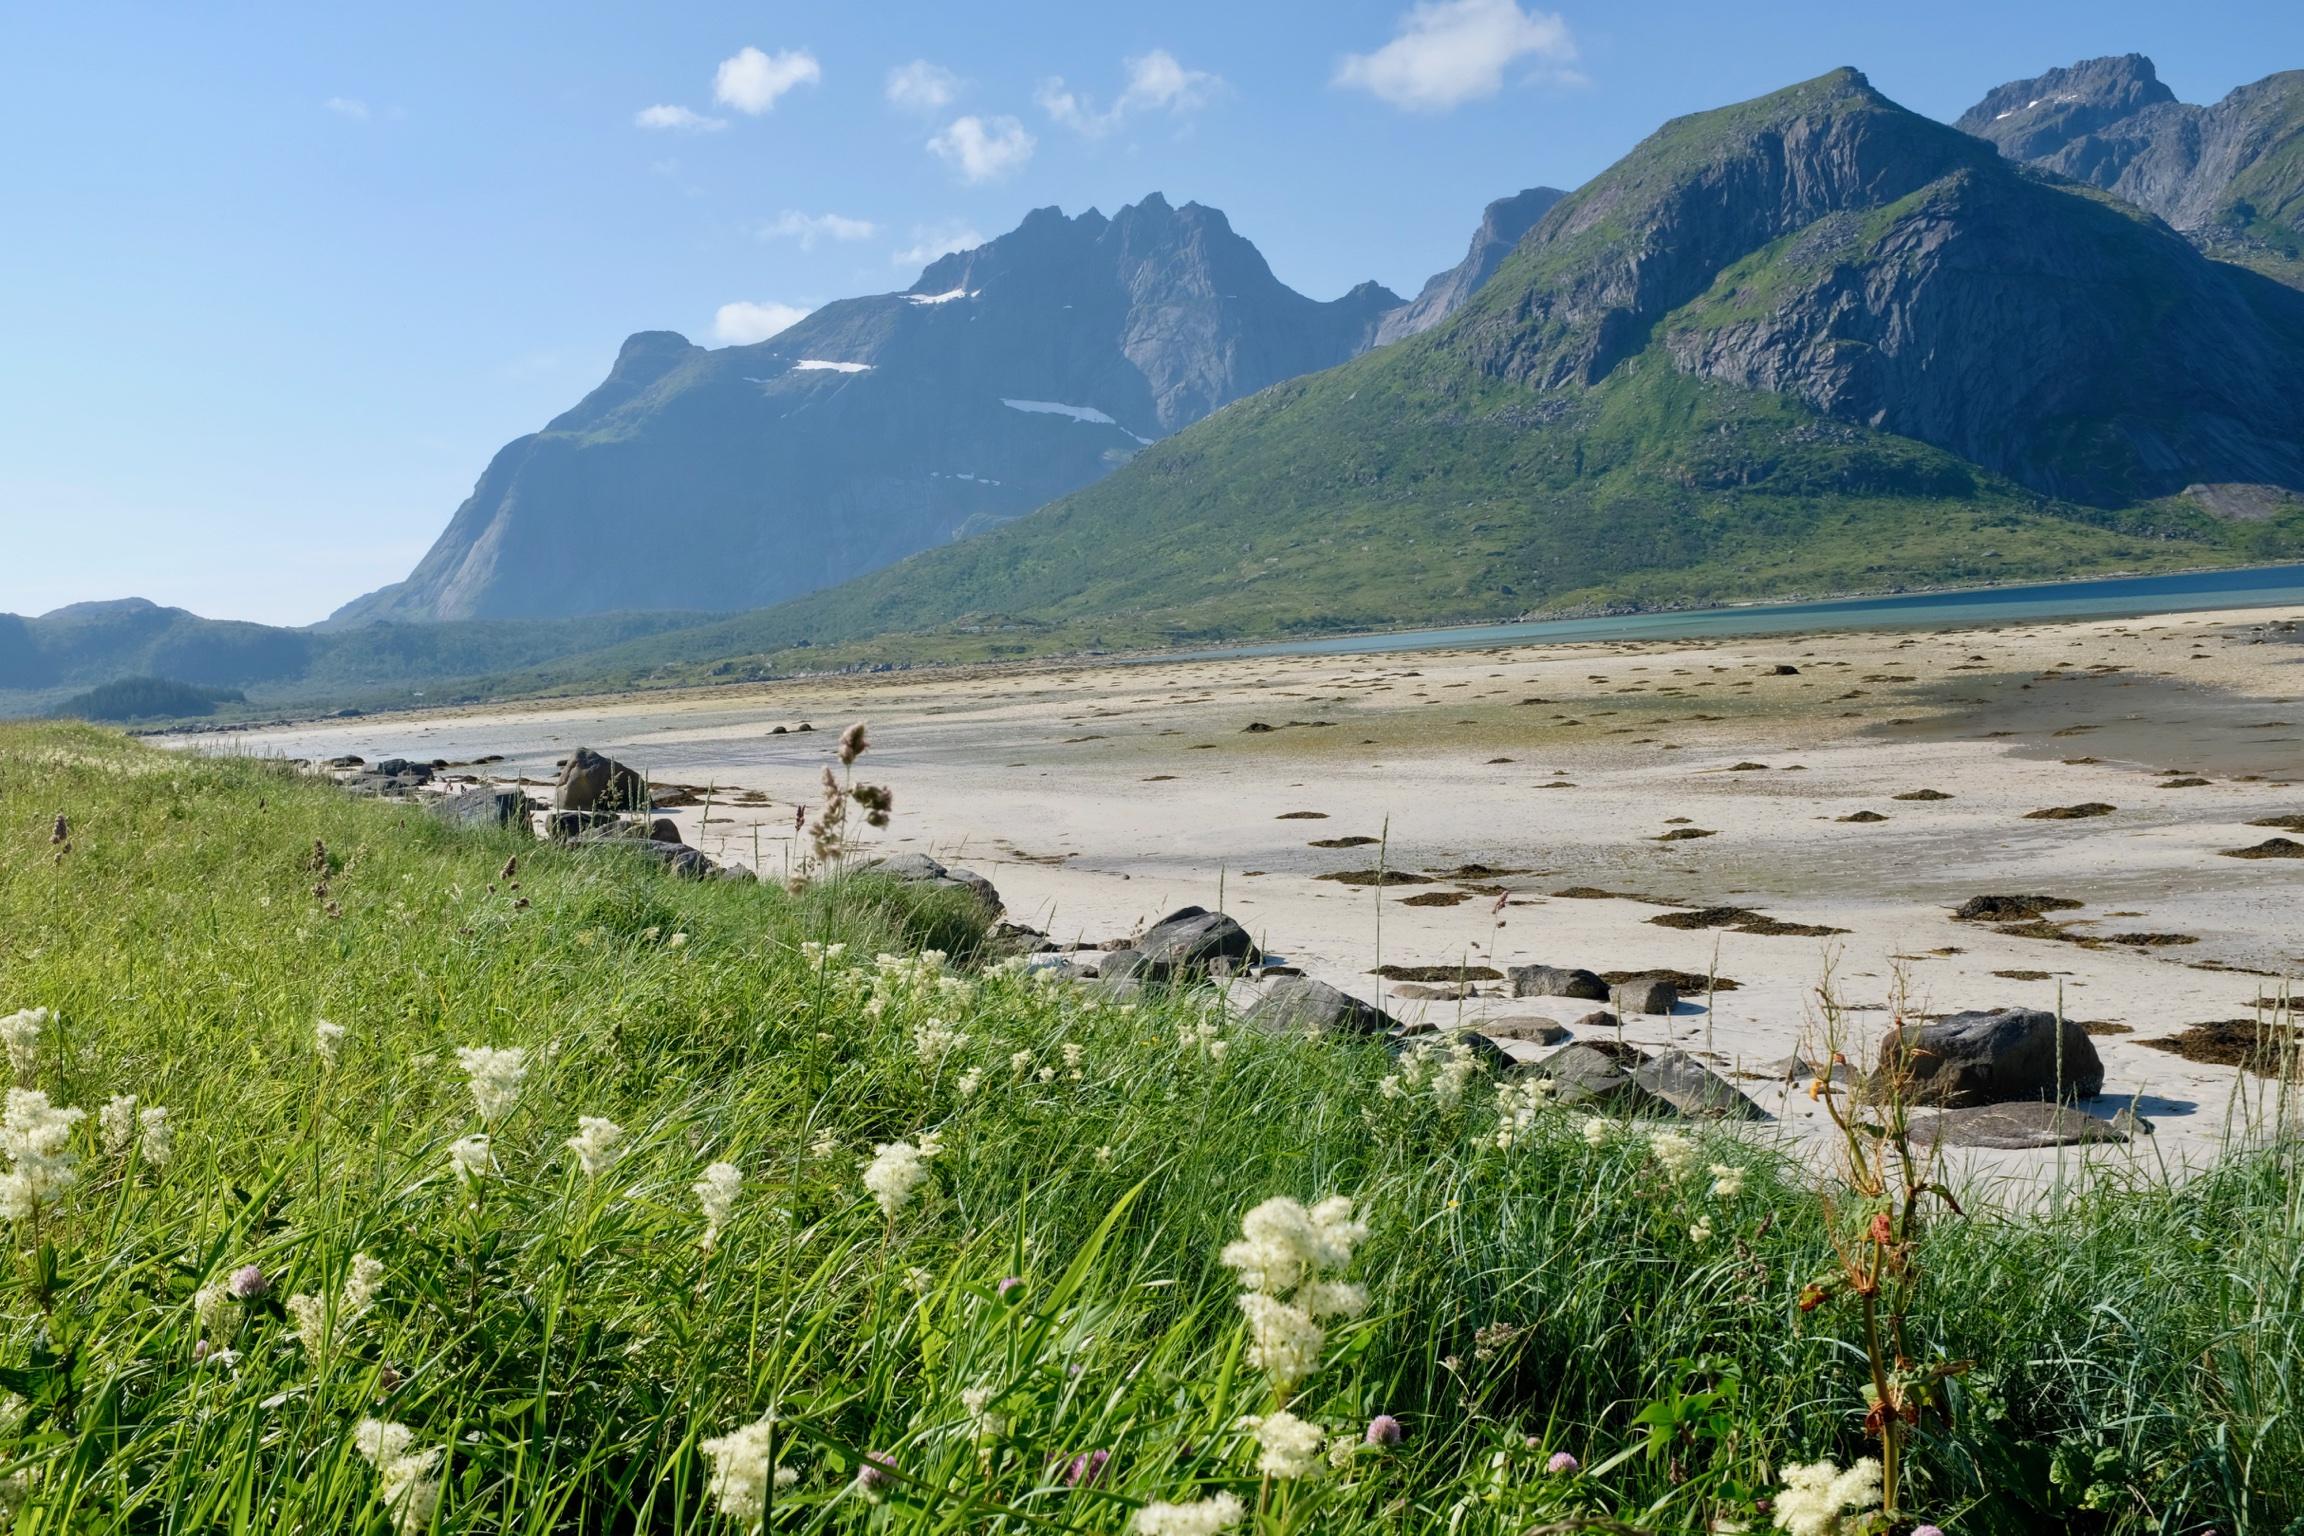 Lofoten Norwegen Reisetipps und konkrete Infos zu der Inselgruppe. Beate Finken Bloggerin bei BeFifty. Die schönsten Plätze in Norwegen / Lofoten